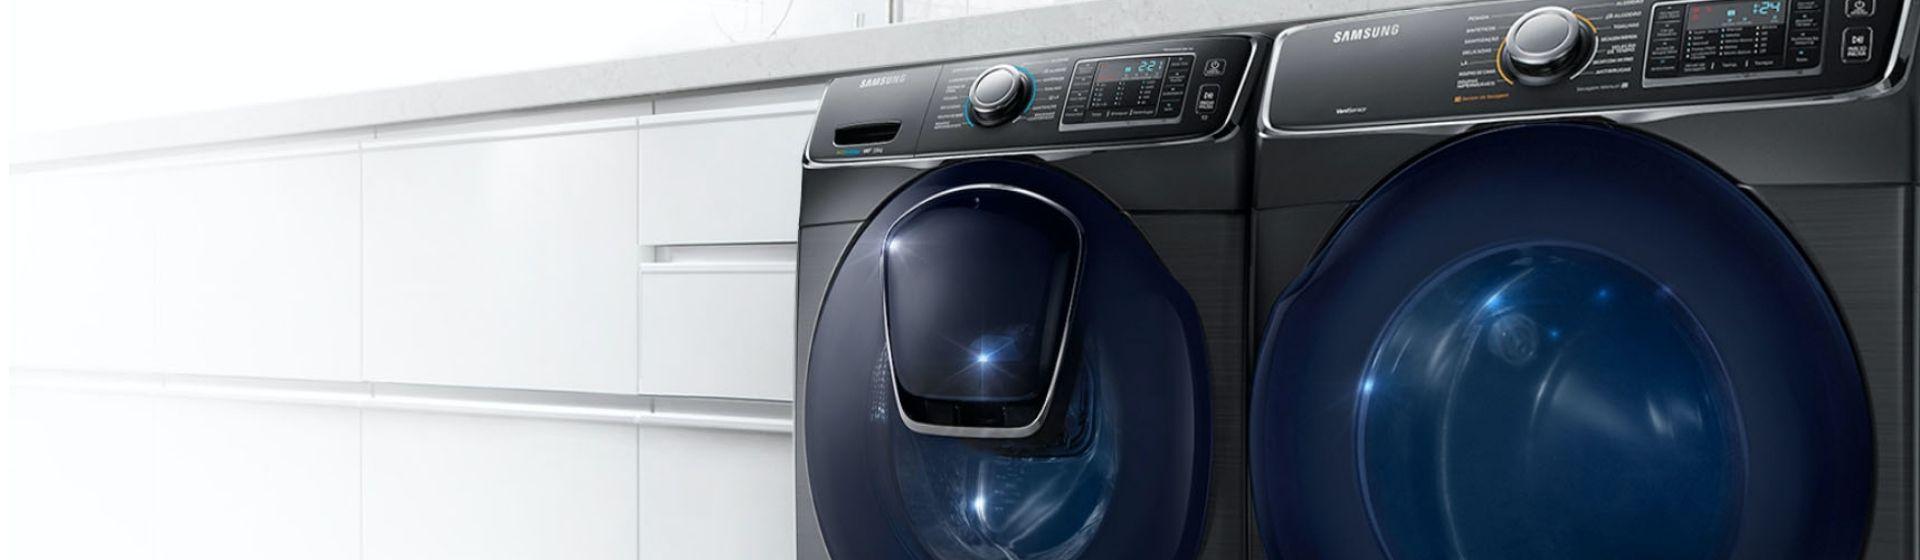 Melhor lavadora Samsung: 8 opções com diferentes capacidades